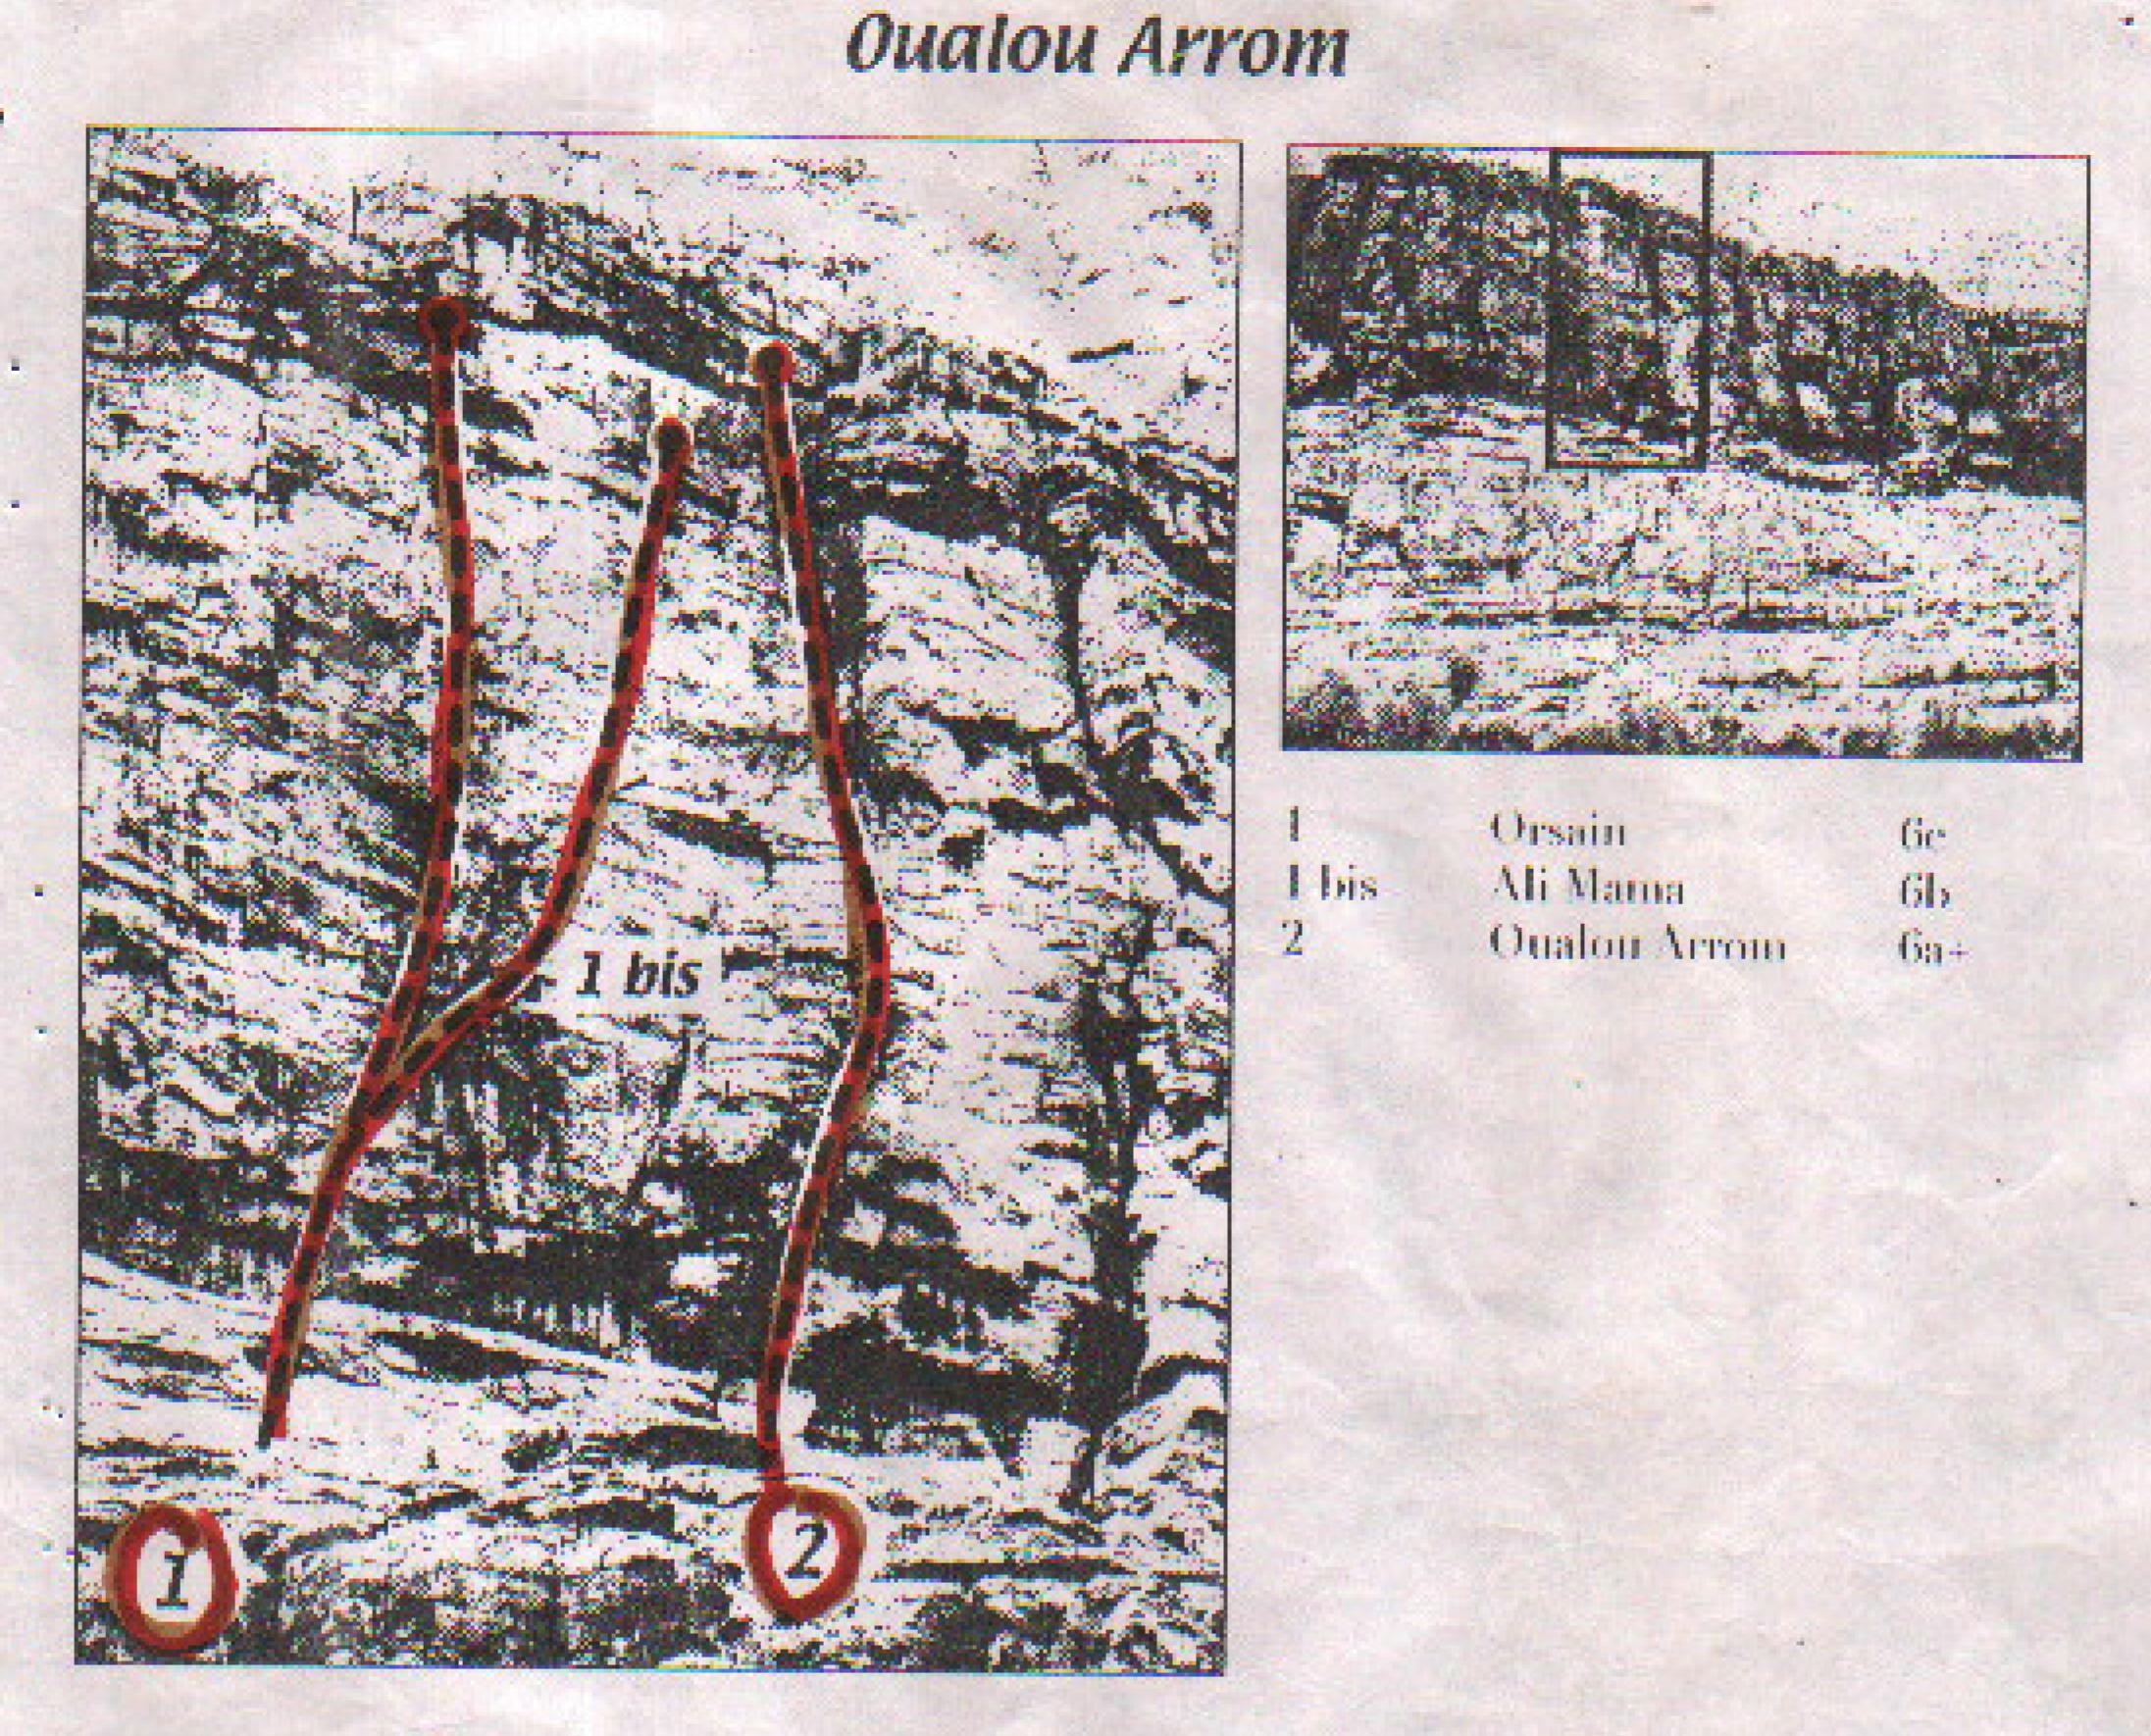 topos-escalade-amellago-21